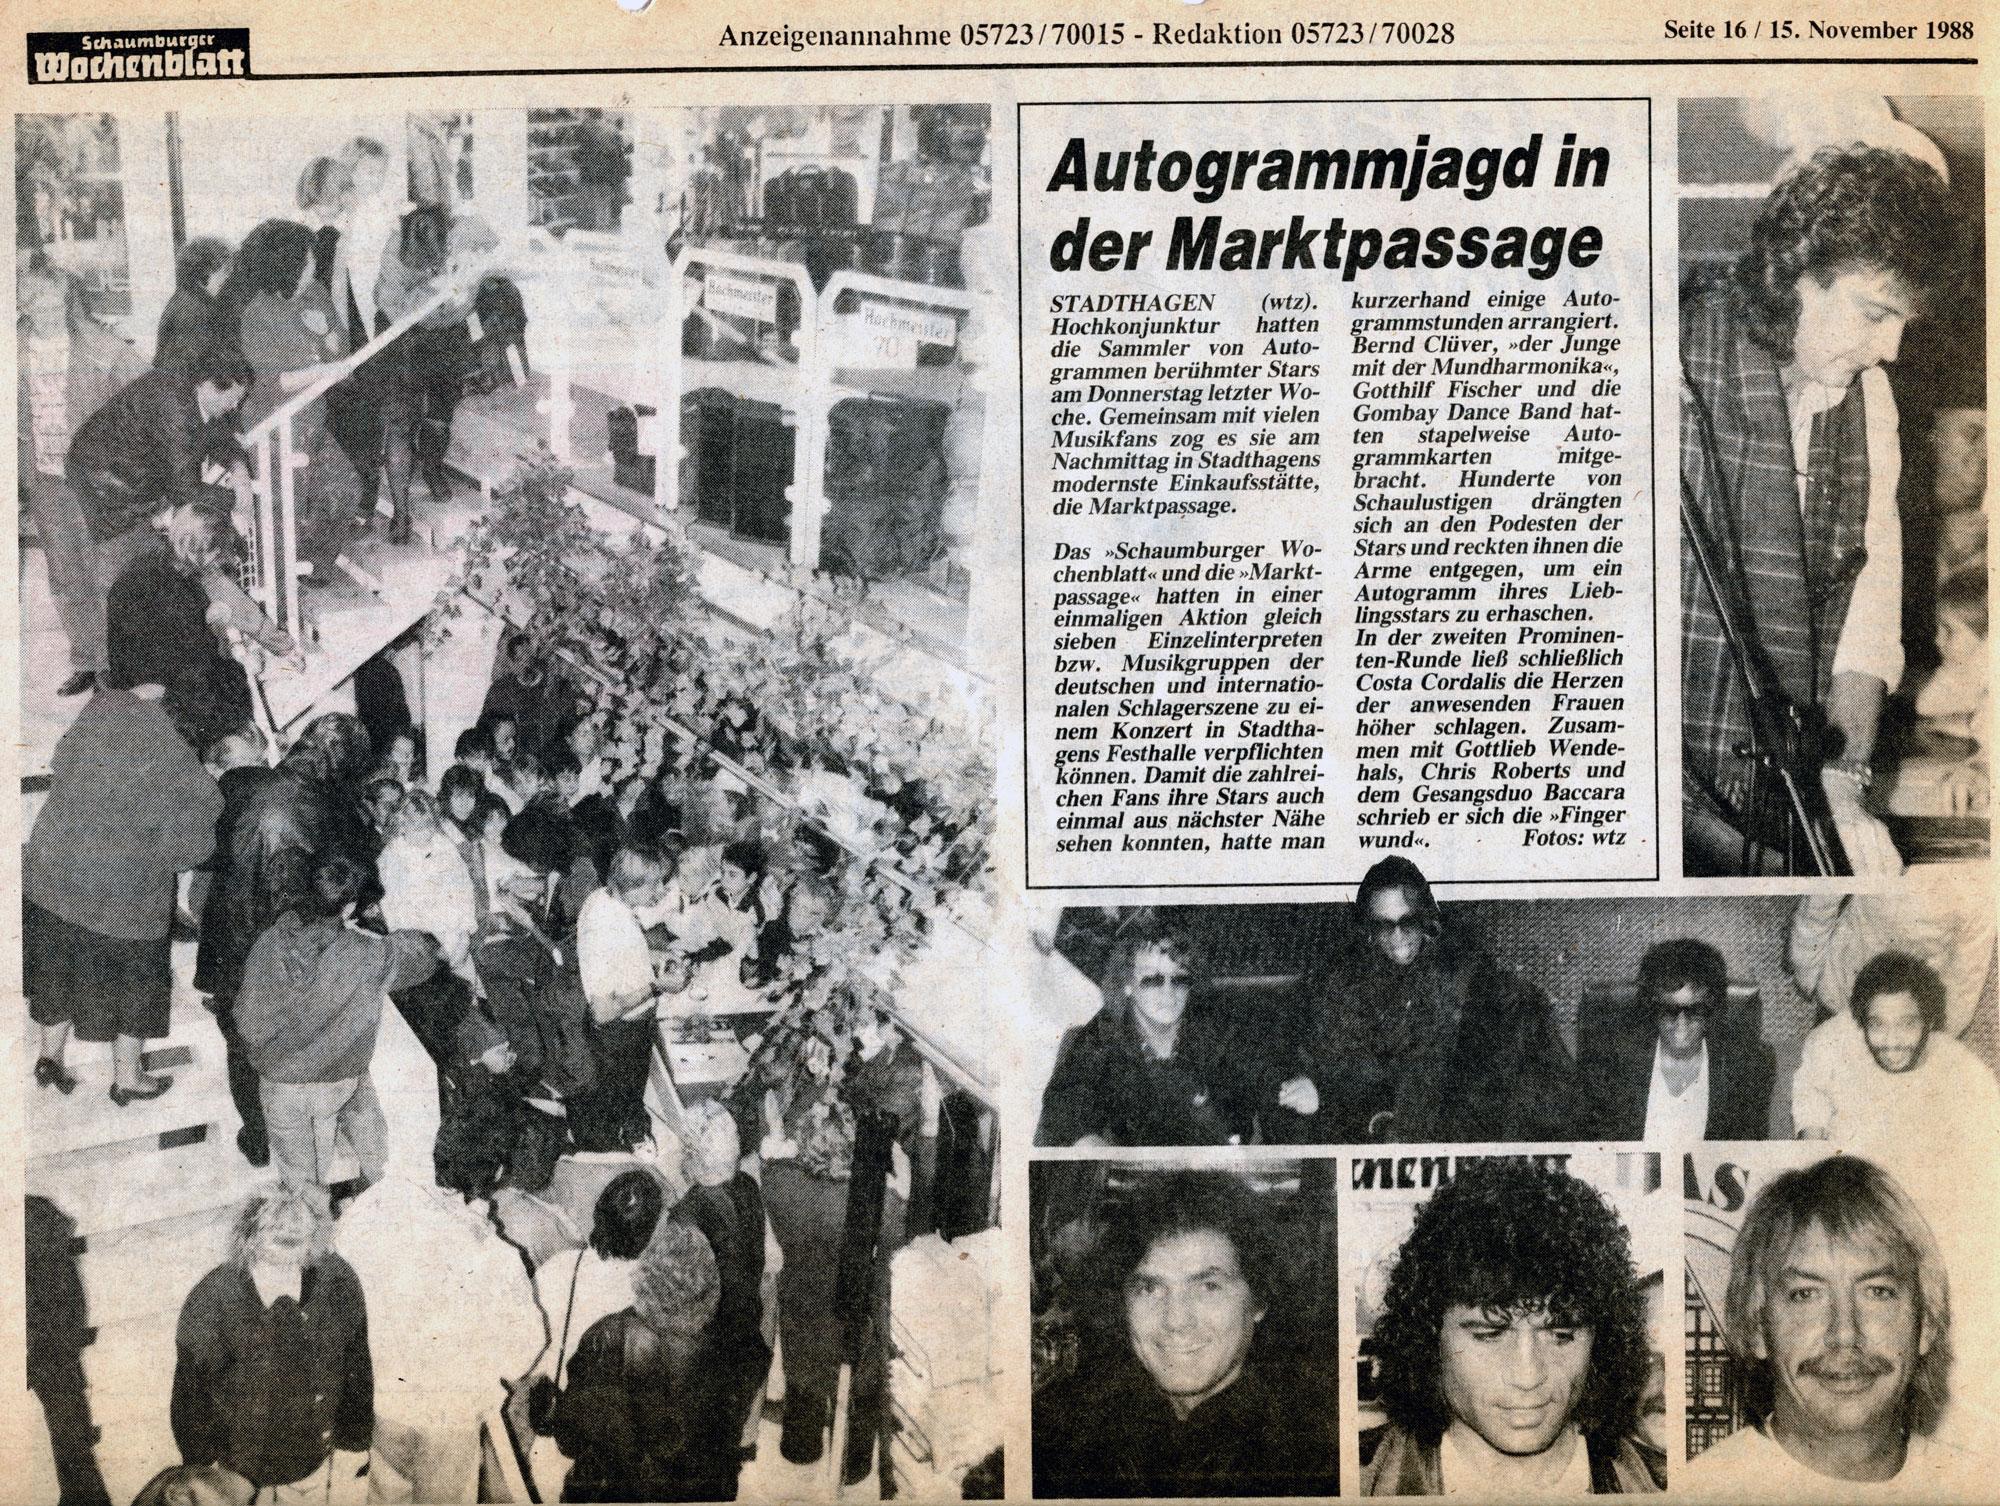 Wochenblatt-Autogrammjagd-in-der-Marktpassage-11-1988